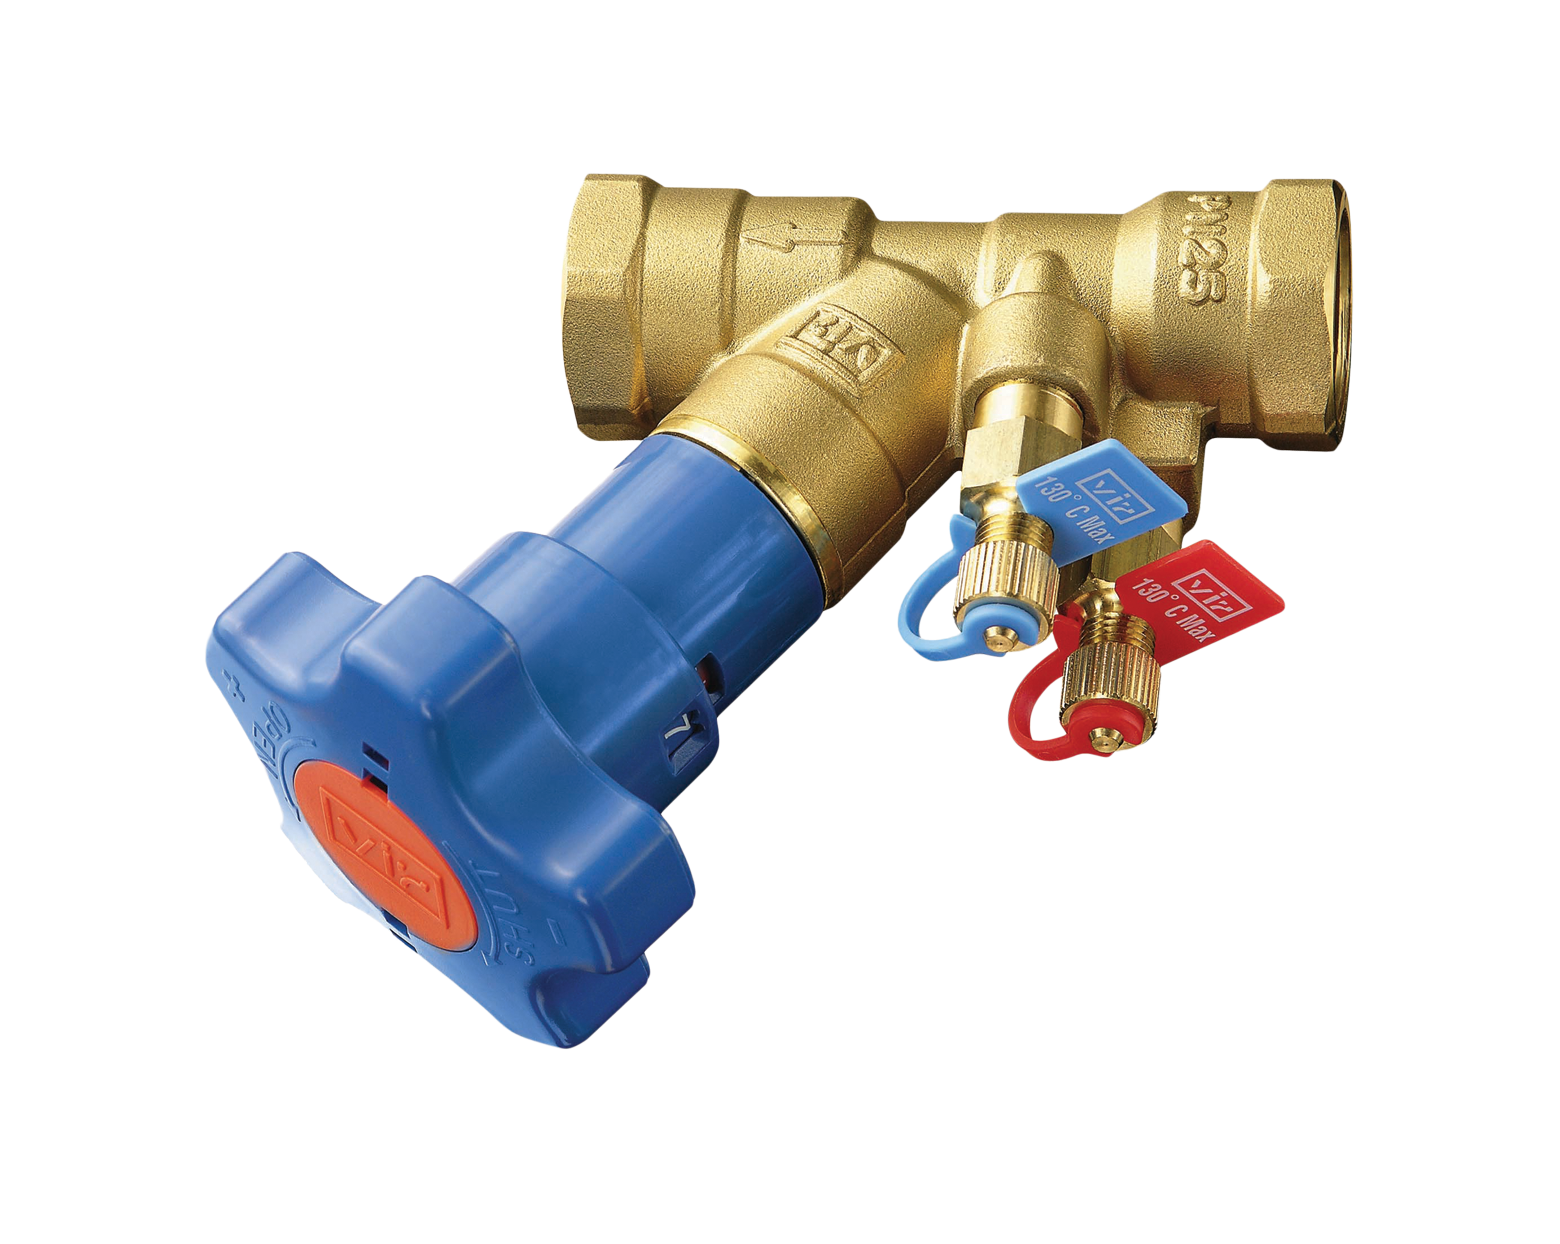 Балансировочный клапан: принцип работы и монтаж